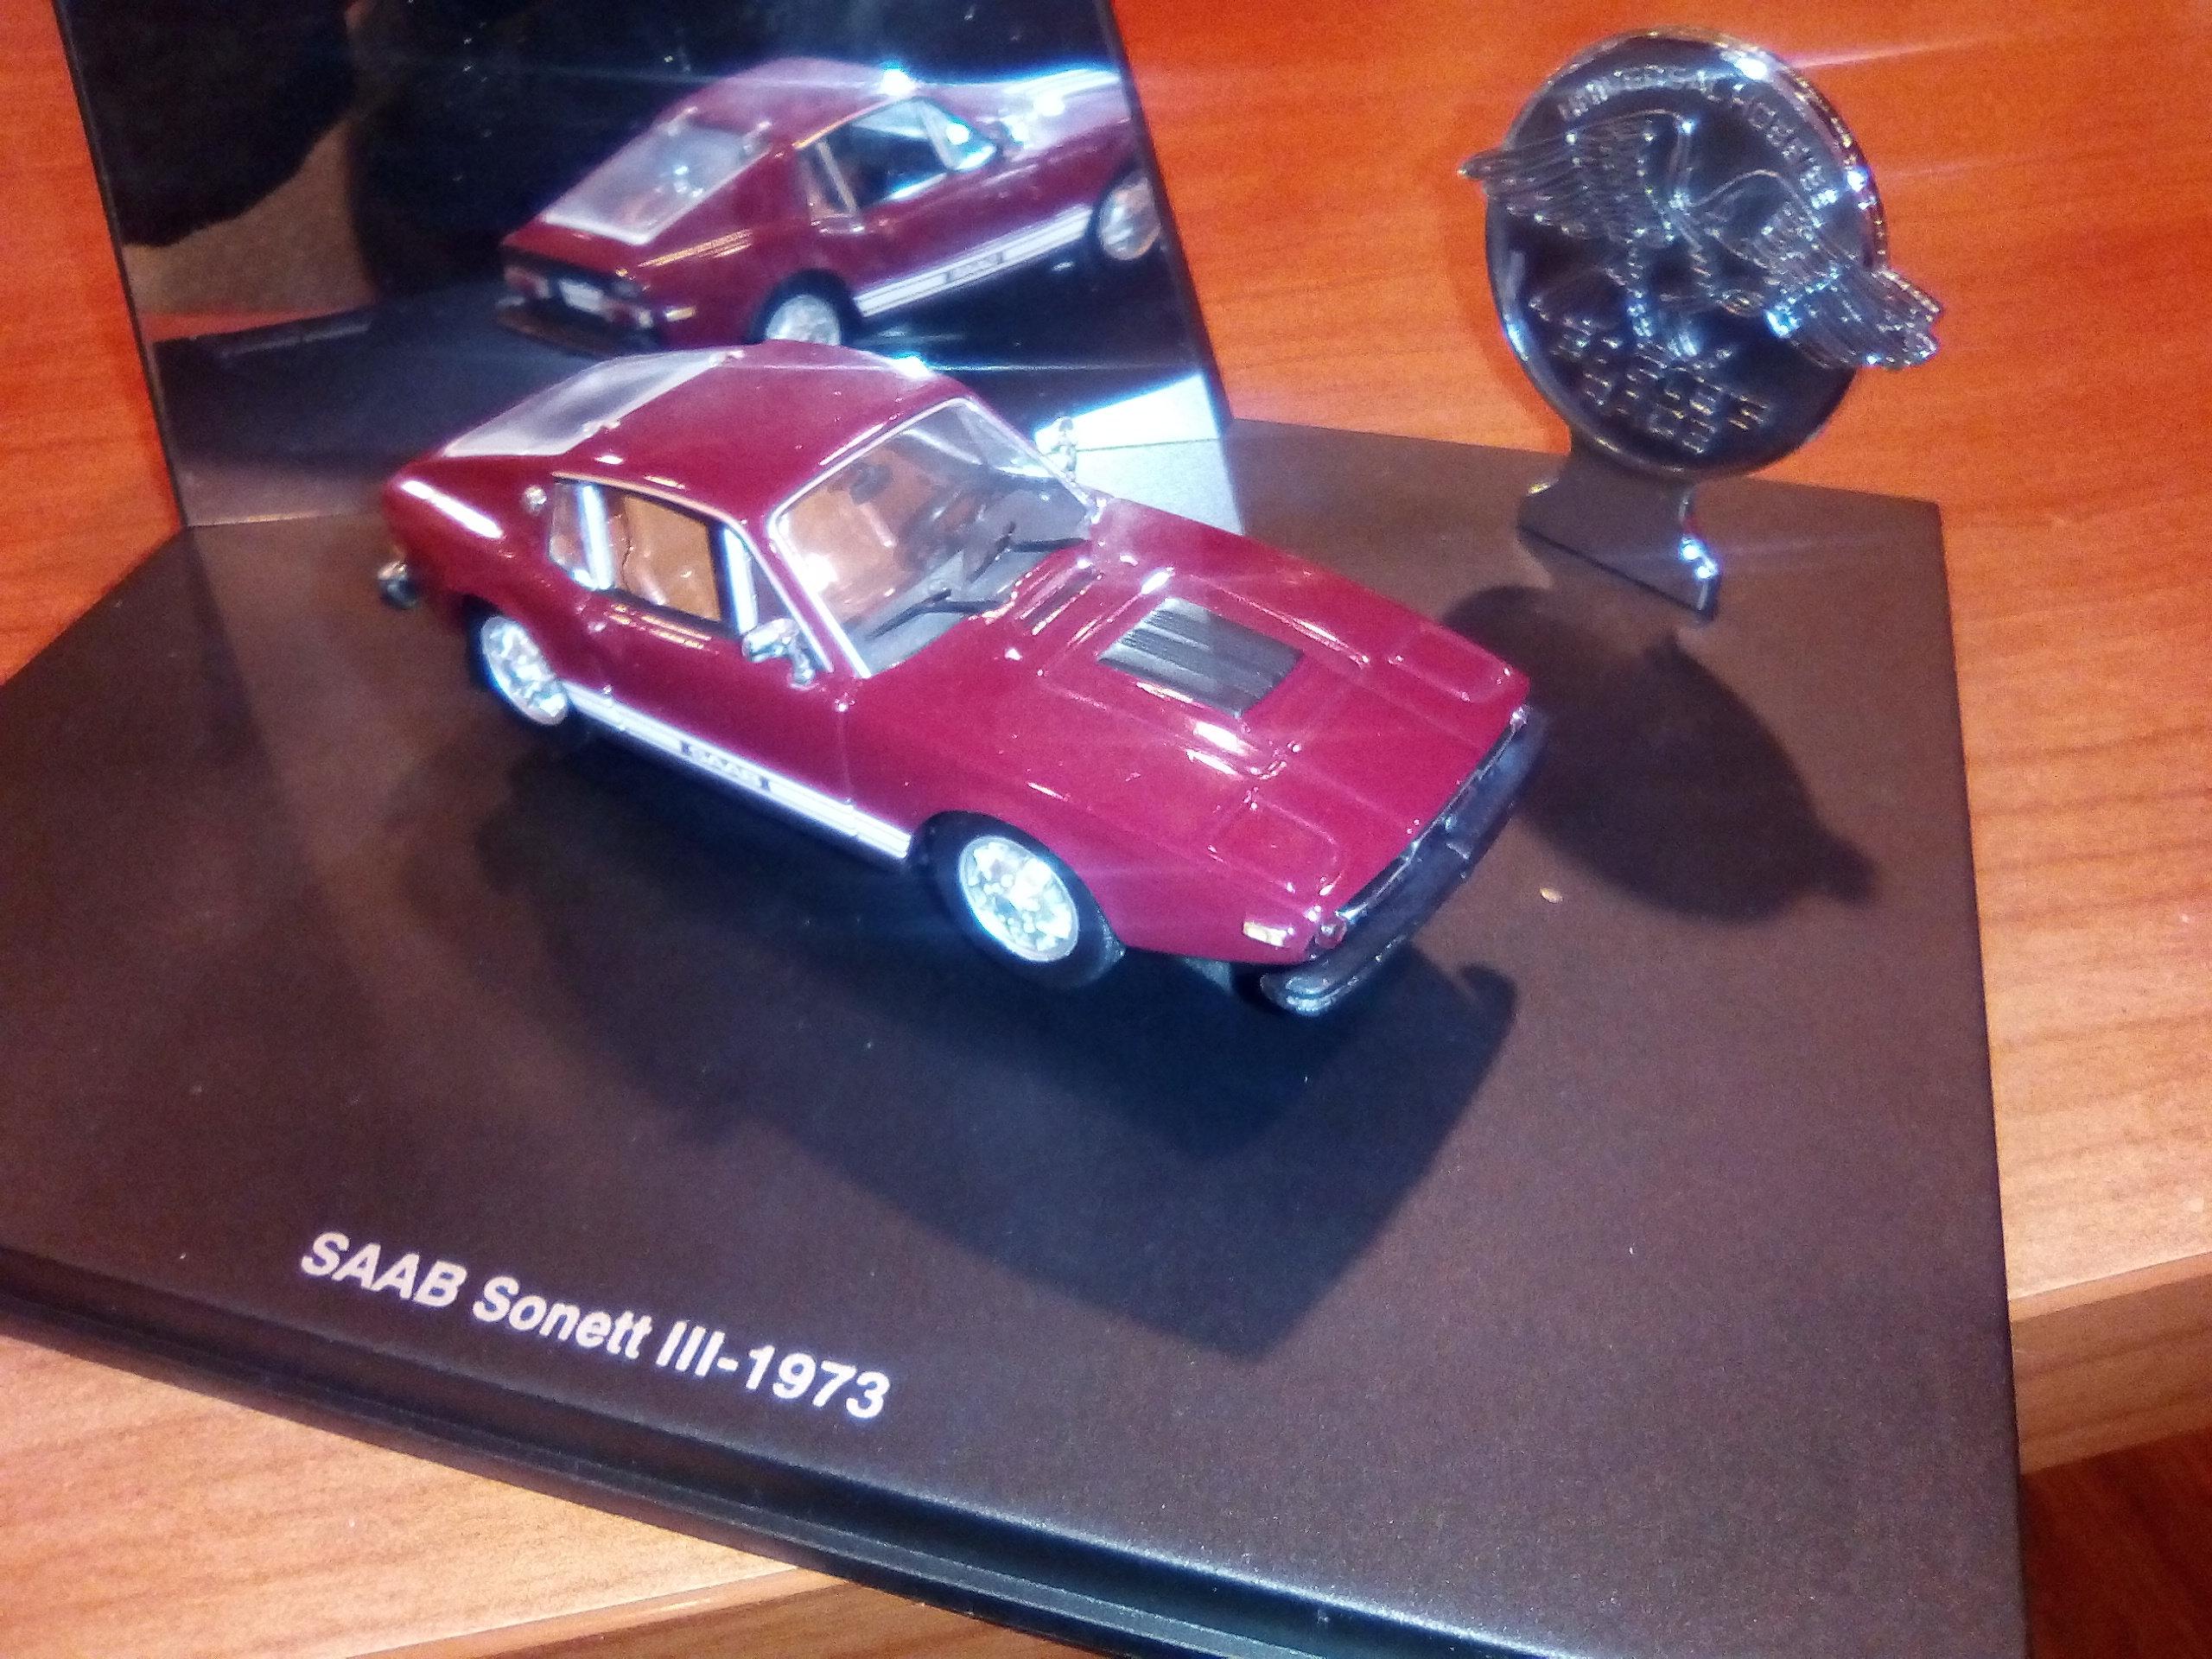 c3cdb4_d54c38a0c436441ab9c3dd548b8a63c5~mv2_d_2560_1920_s_2 Amazing Ferrari Agostini Auto Junior Mondial Cabriolet Cars Trend